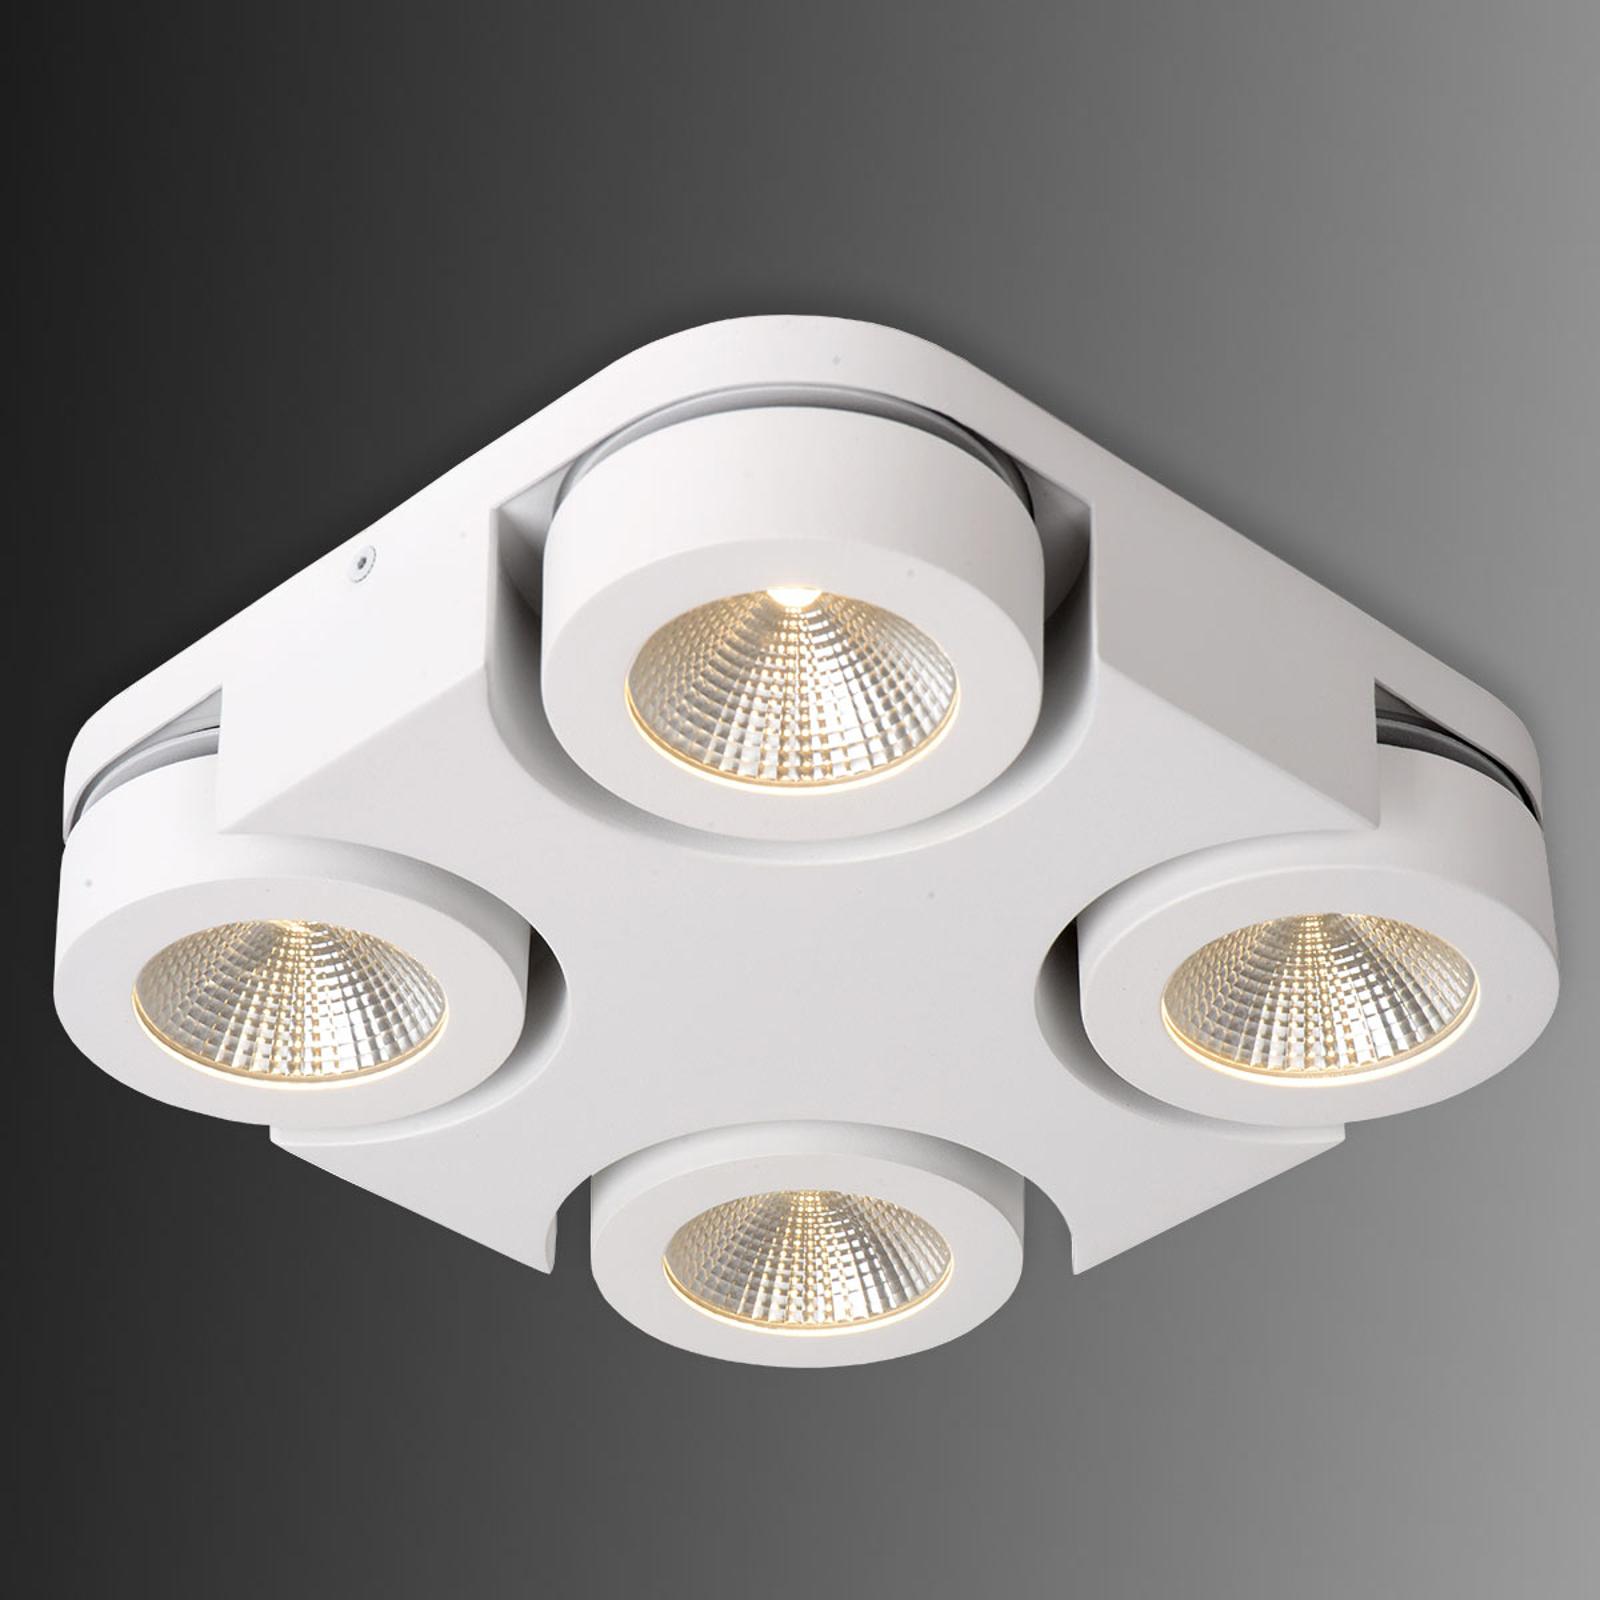 Quadratische LED-Deckenleuchte Mitrax